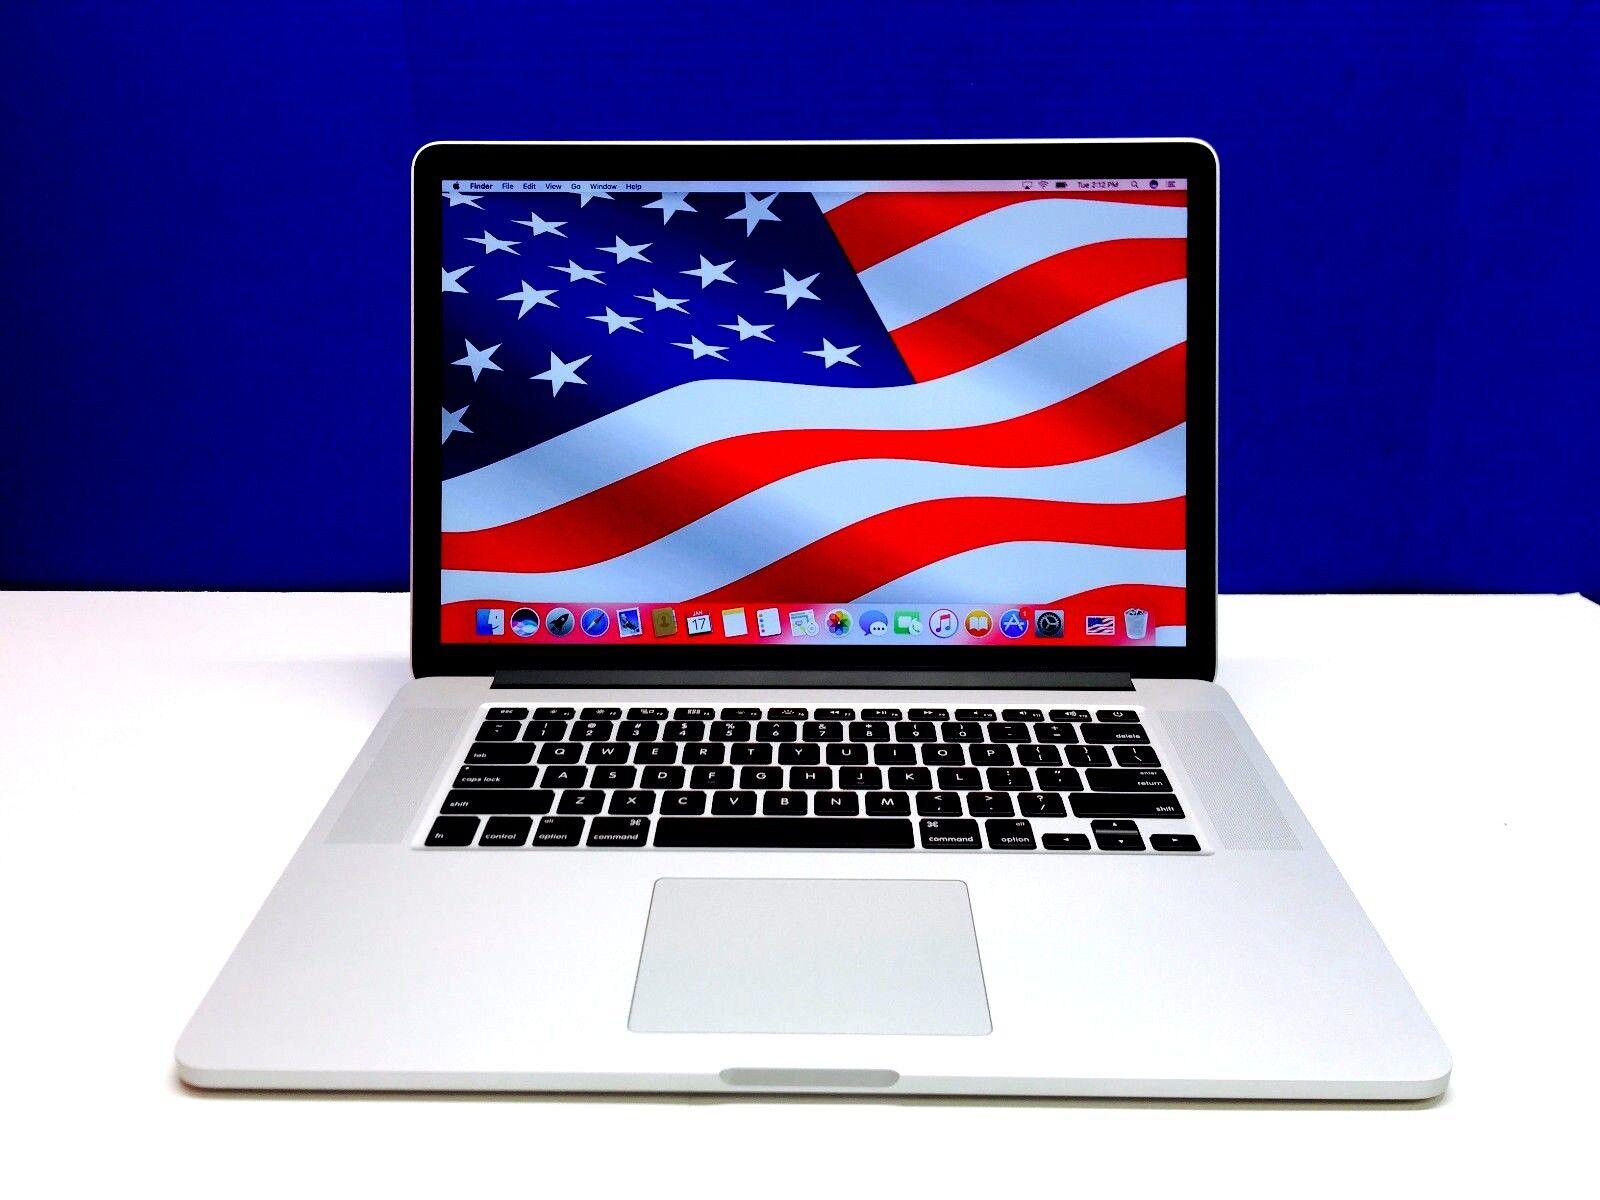 15 MacBook Pro Retina OSX 2015 *2.6Ghz Core i7 / 16GB / 512GB SSD* 1 Yr Wrnty!